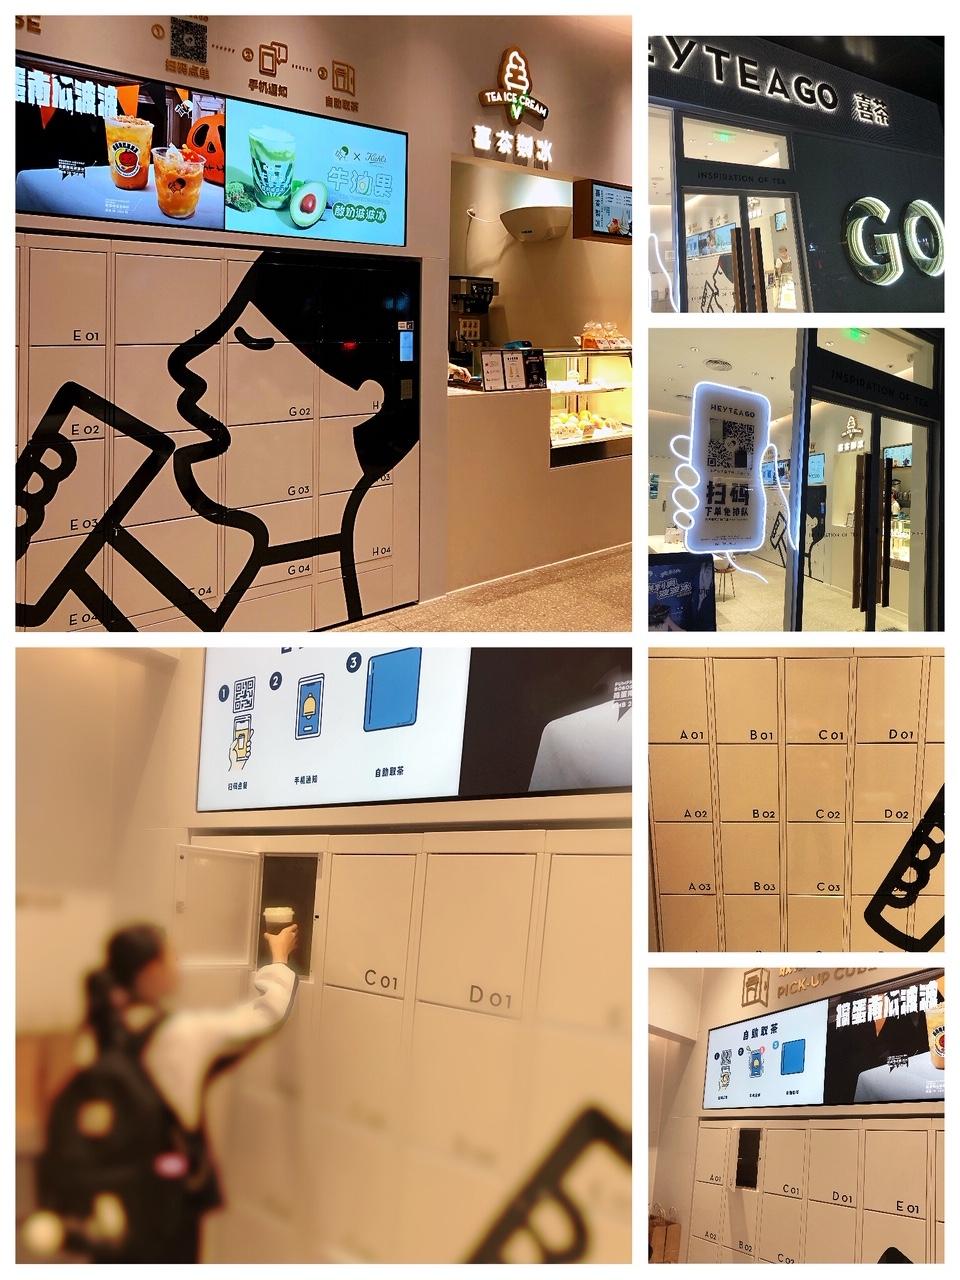 深圳•「HEYTEA GO」のスマートロッカー